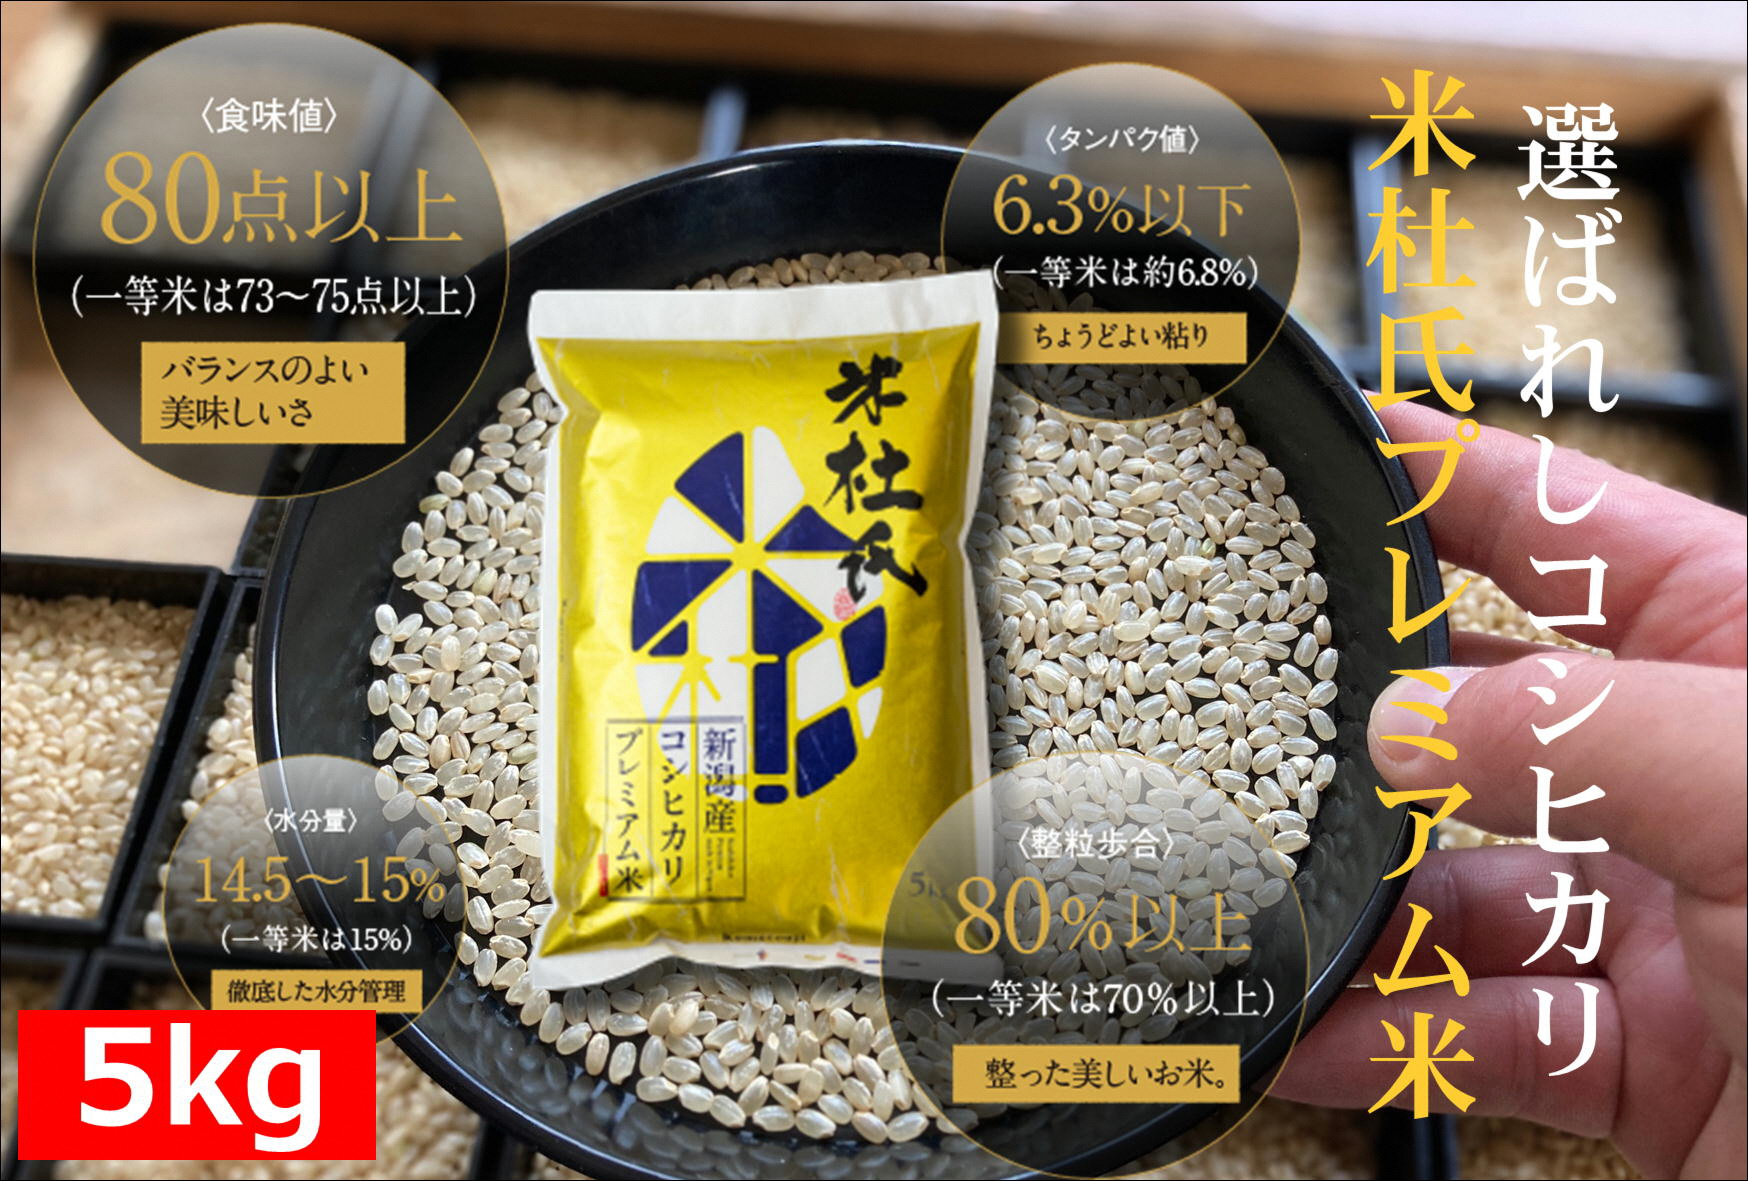 プレミアム米 有名な ふるさと納税 新潟県阿賀野市産 中野家15代目 米杜氏 コシヒカリ 5kg 付与